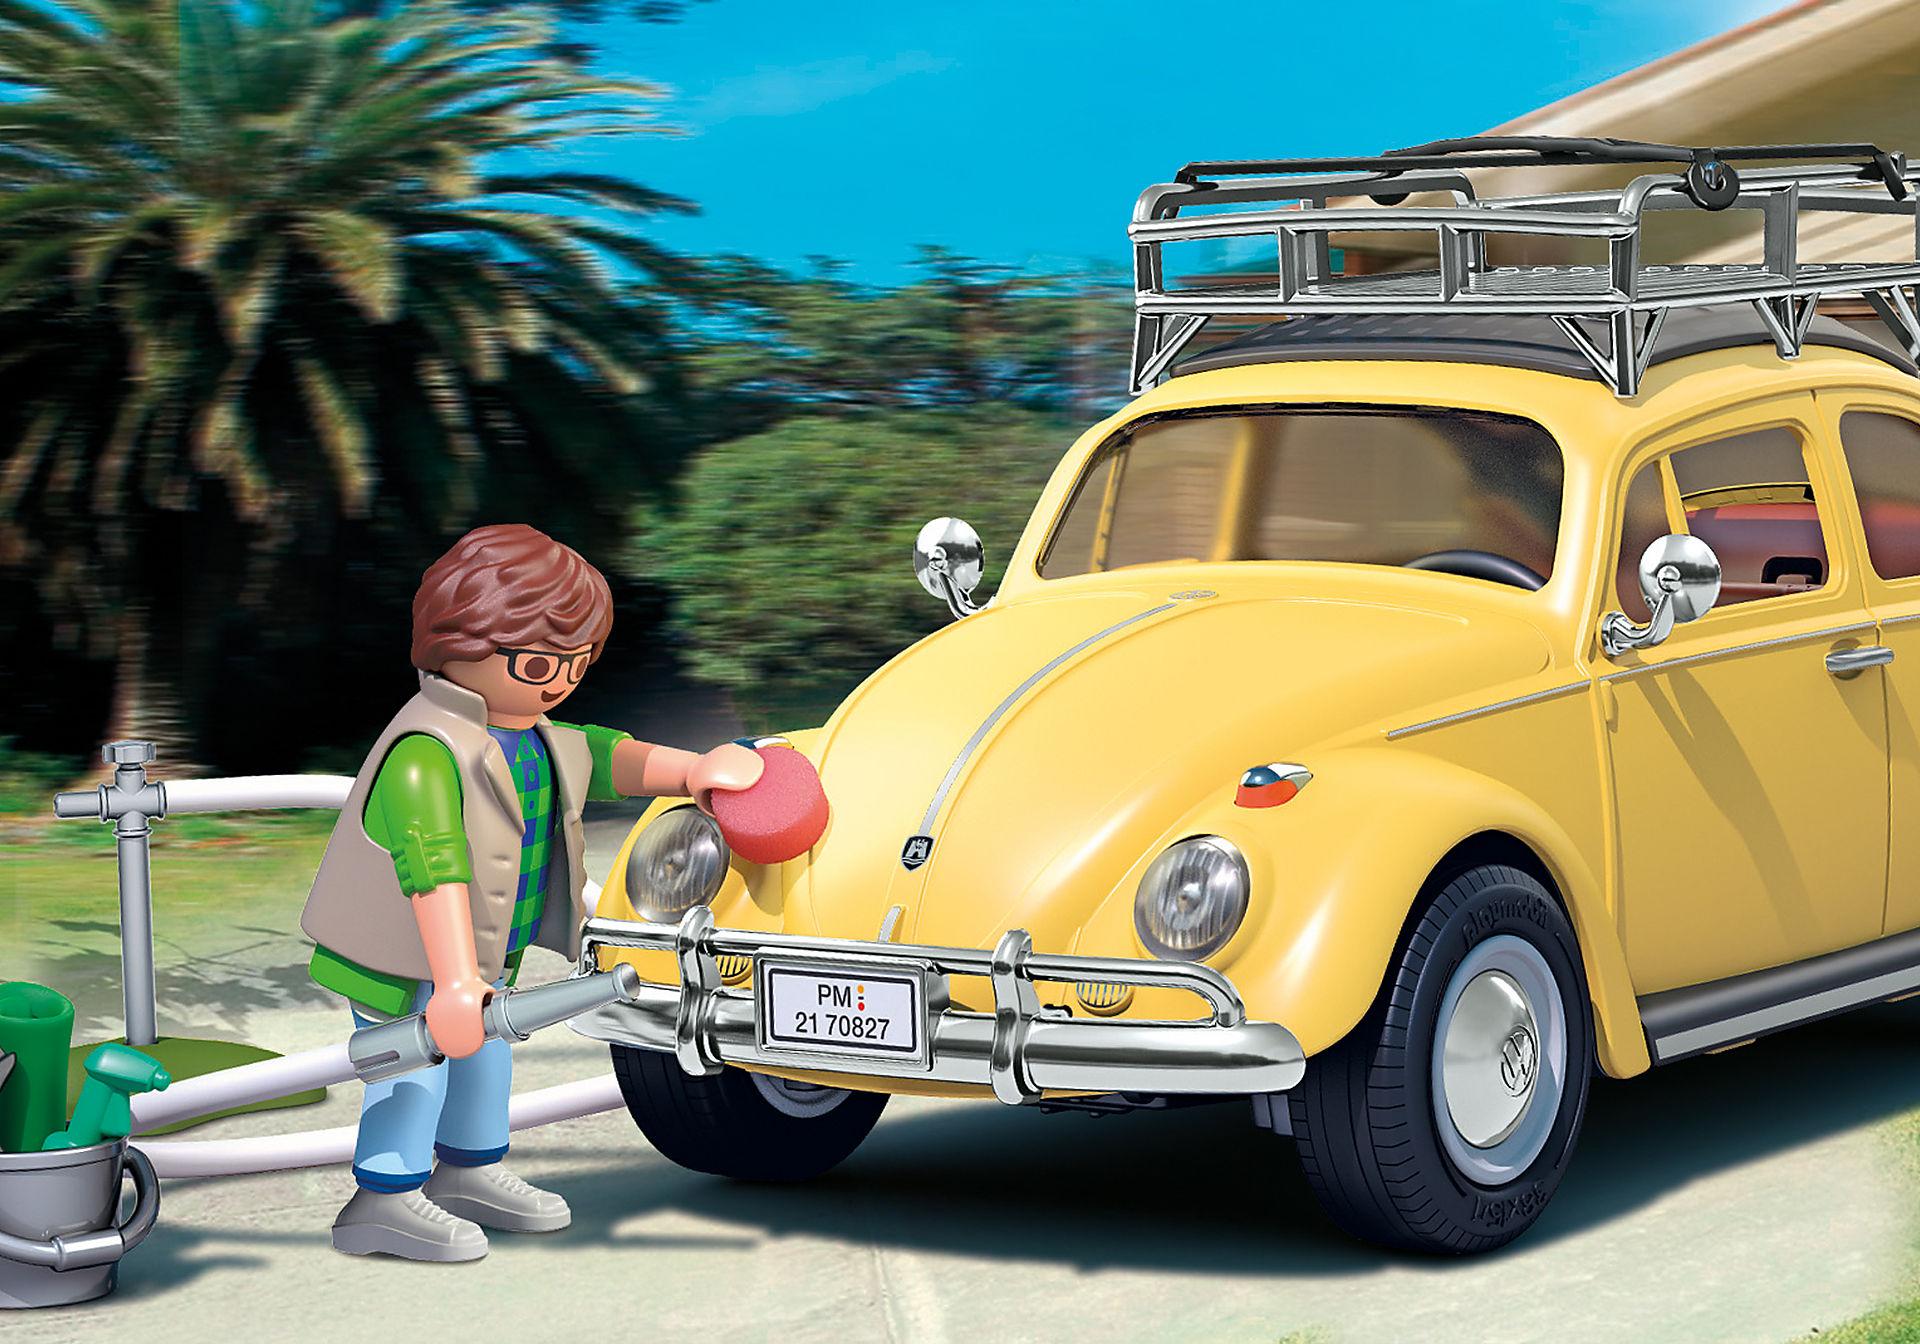 70827 Volkswagen Maggiolino  -  Special Edition zoom image7